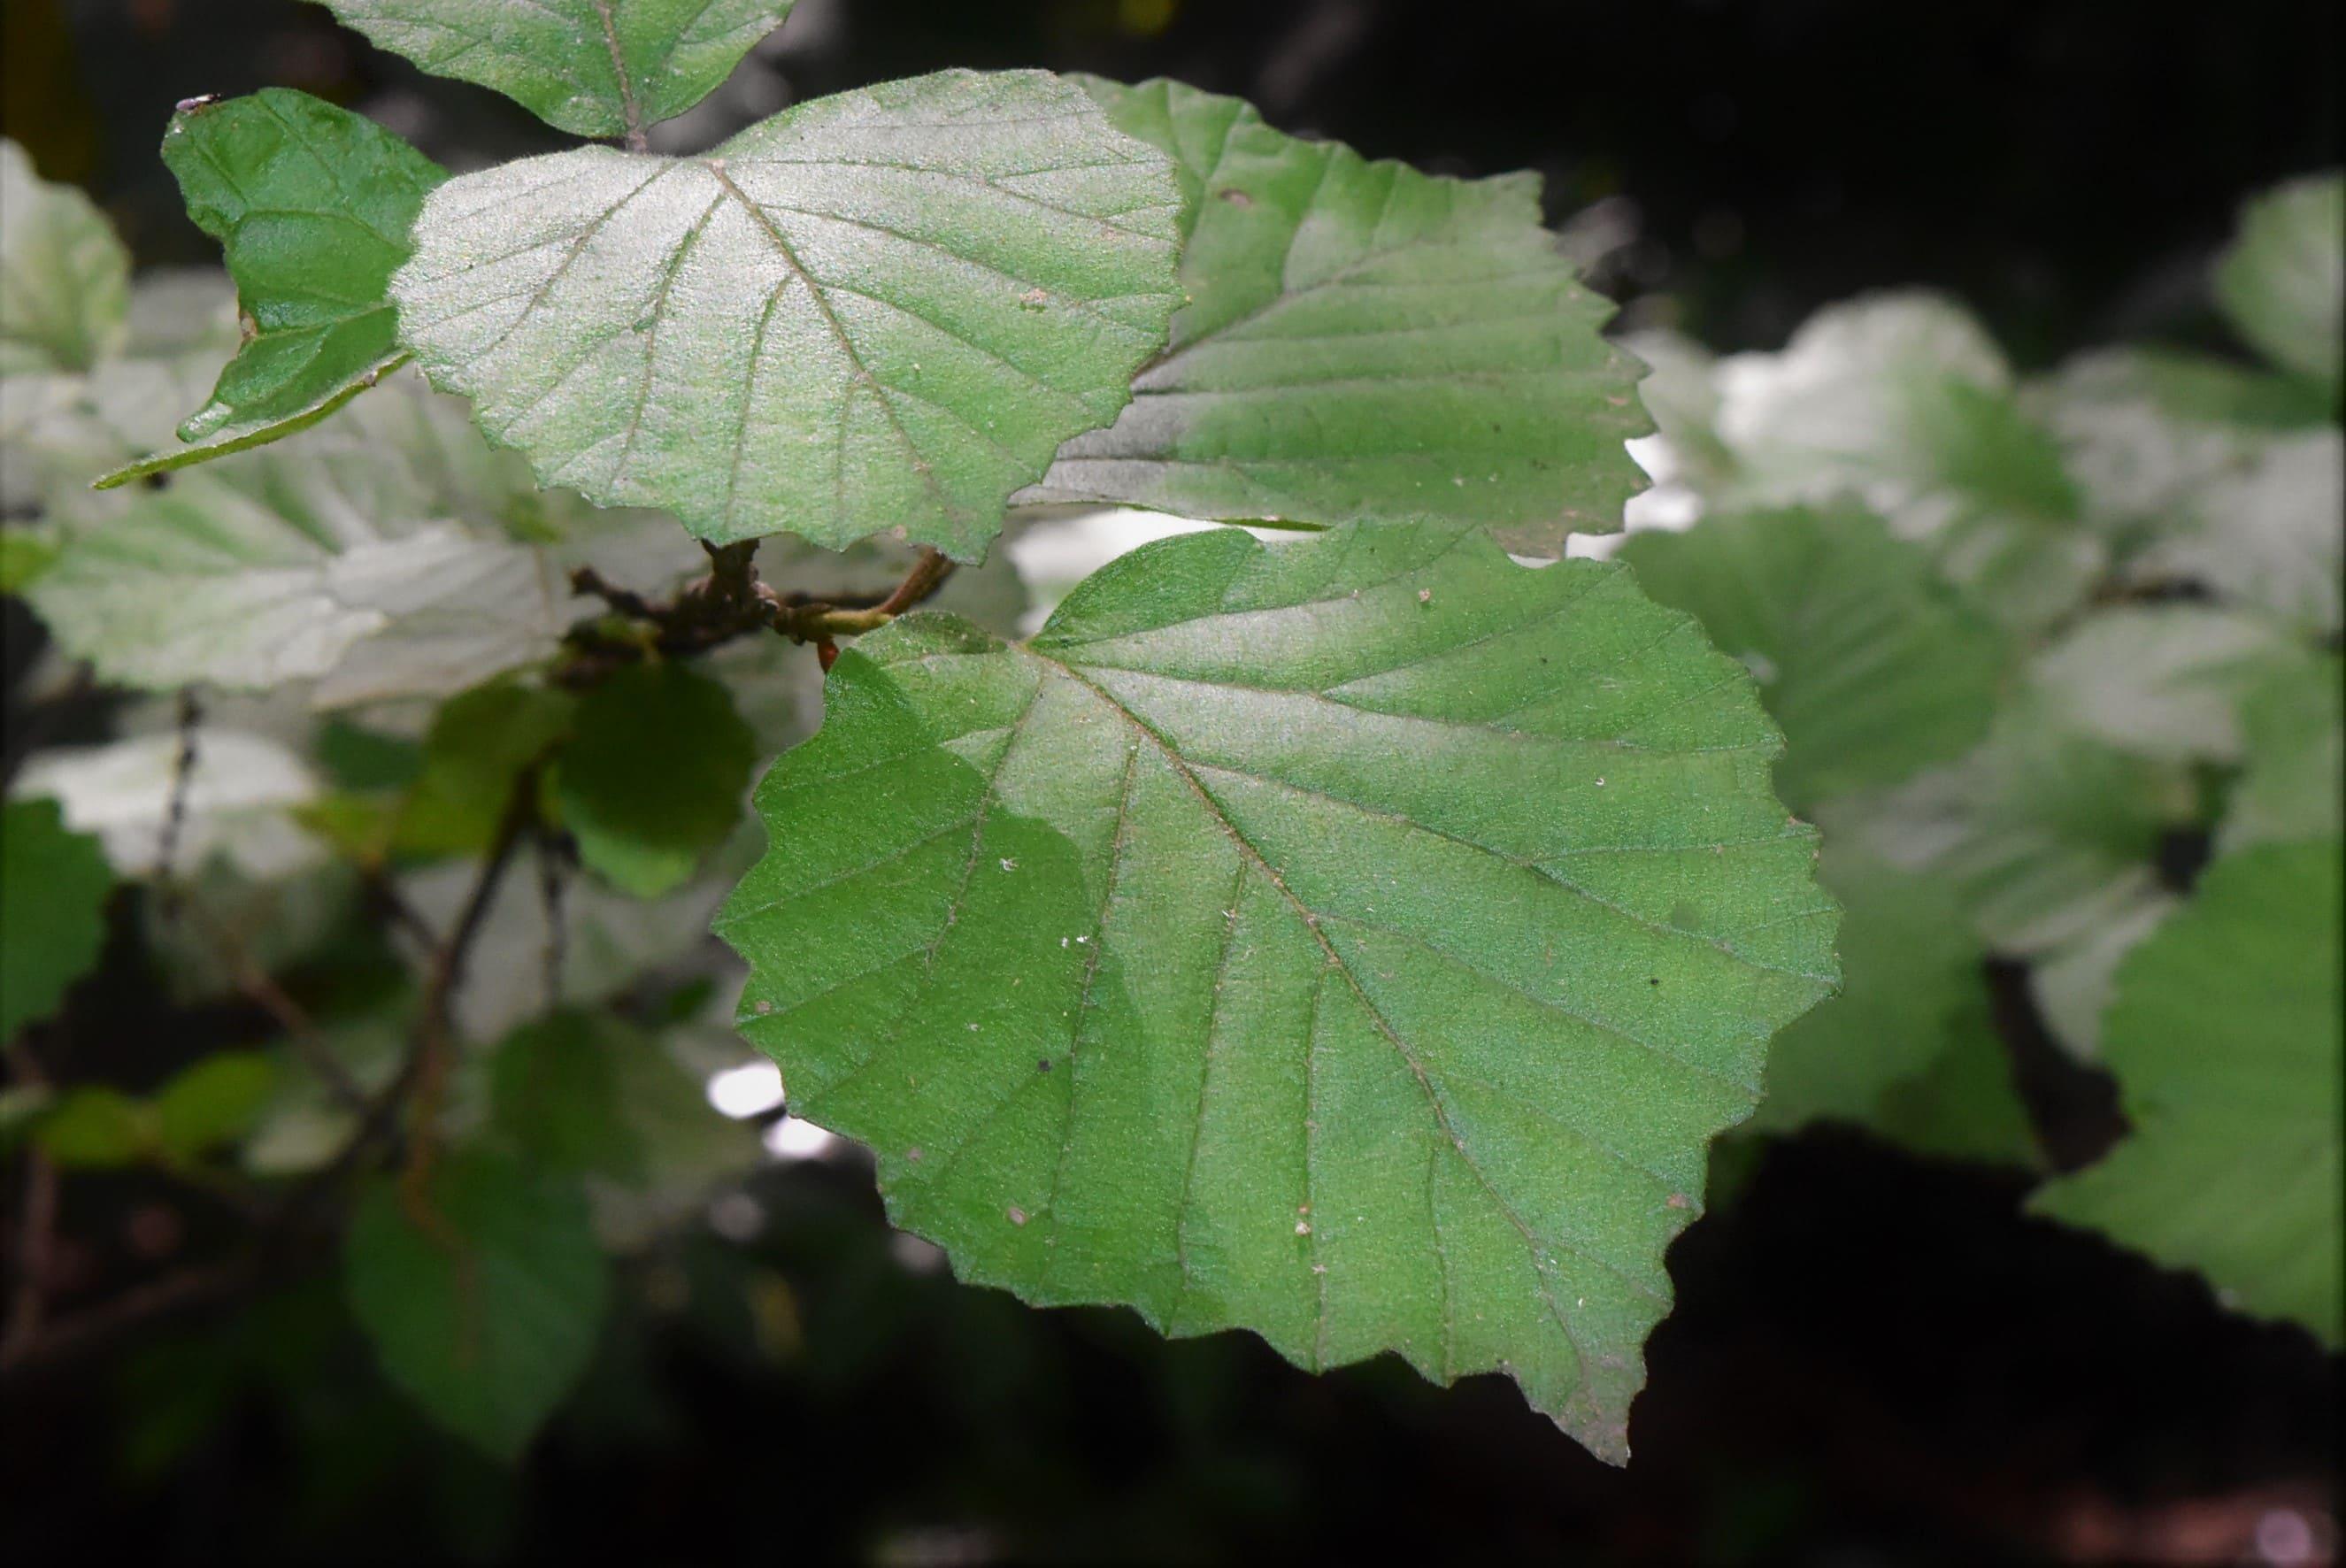 シモフリグミ 葉っぱ